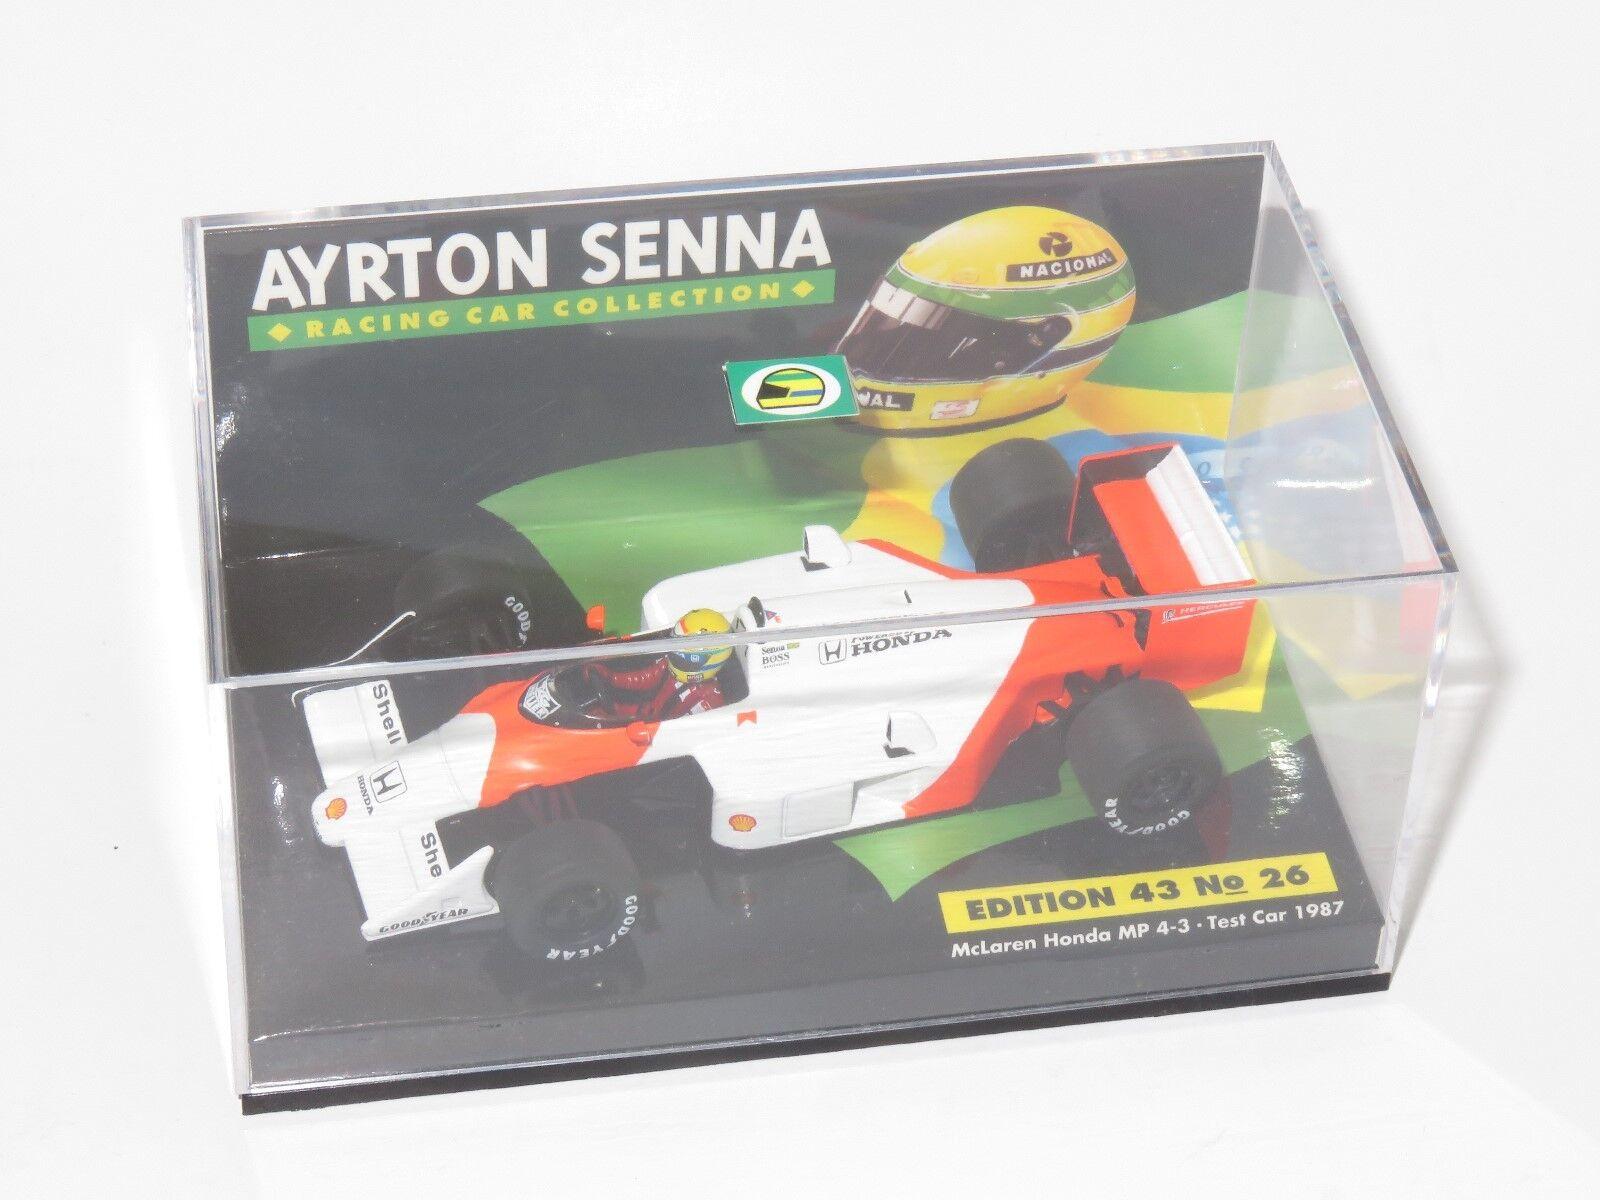 1/43 McLaren Honda MP4-3 Test Coche 2018 Ayrton Senna Senna Collection No.26